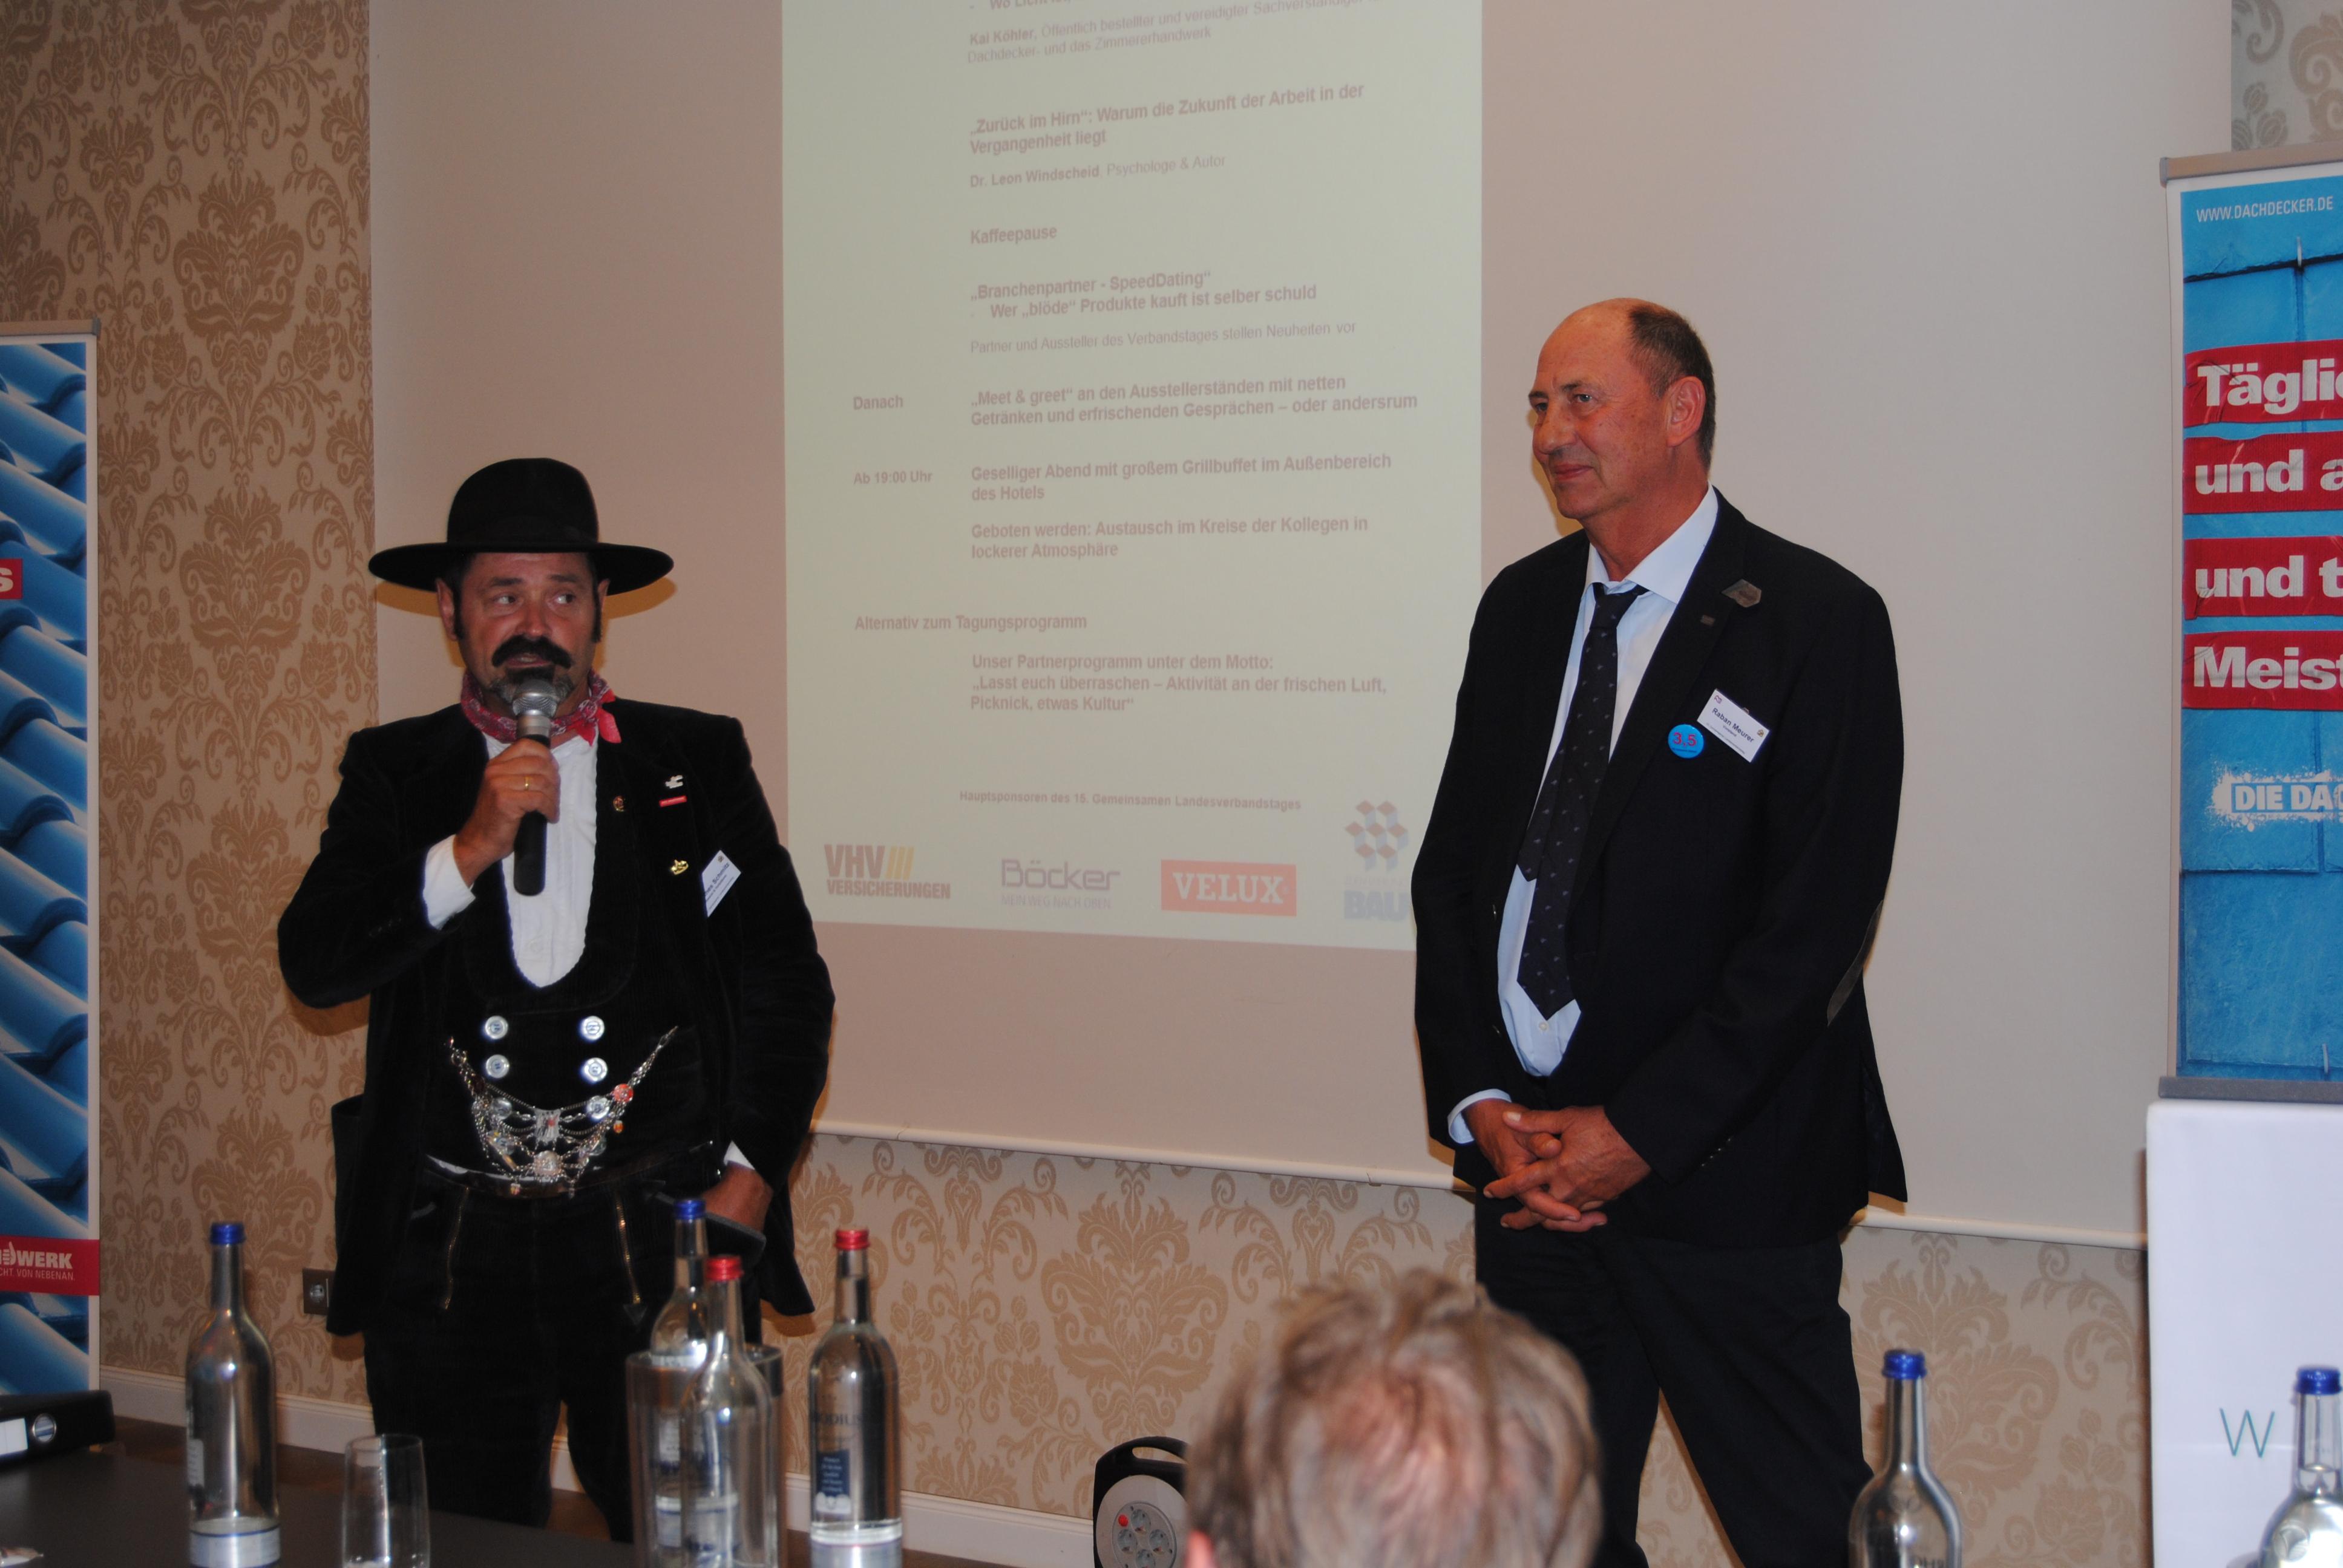 Johannes Schmitz und Raban Meurer beim Grußwort